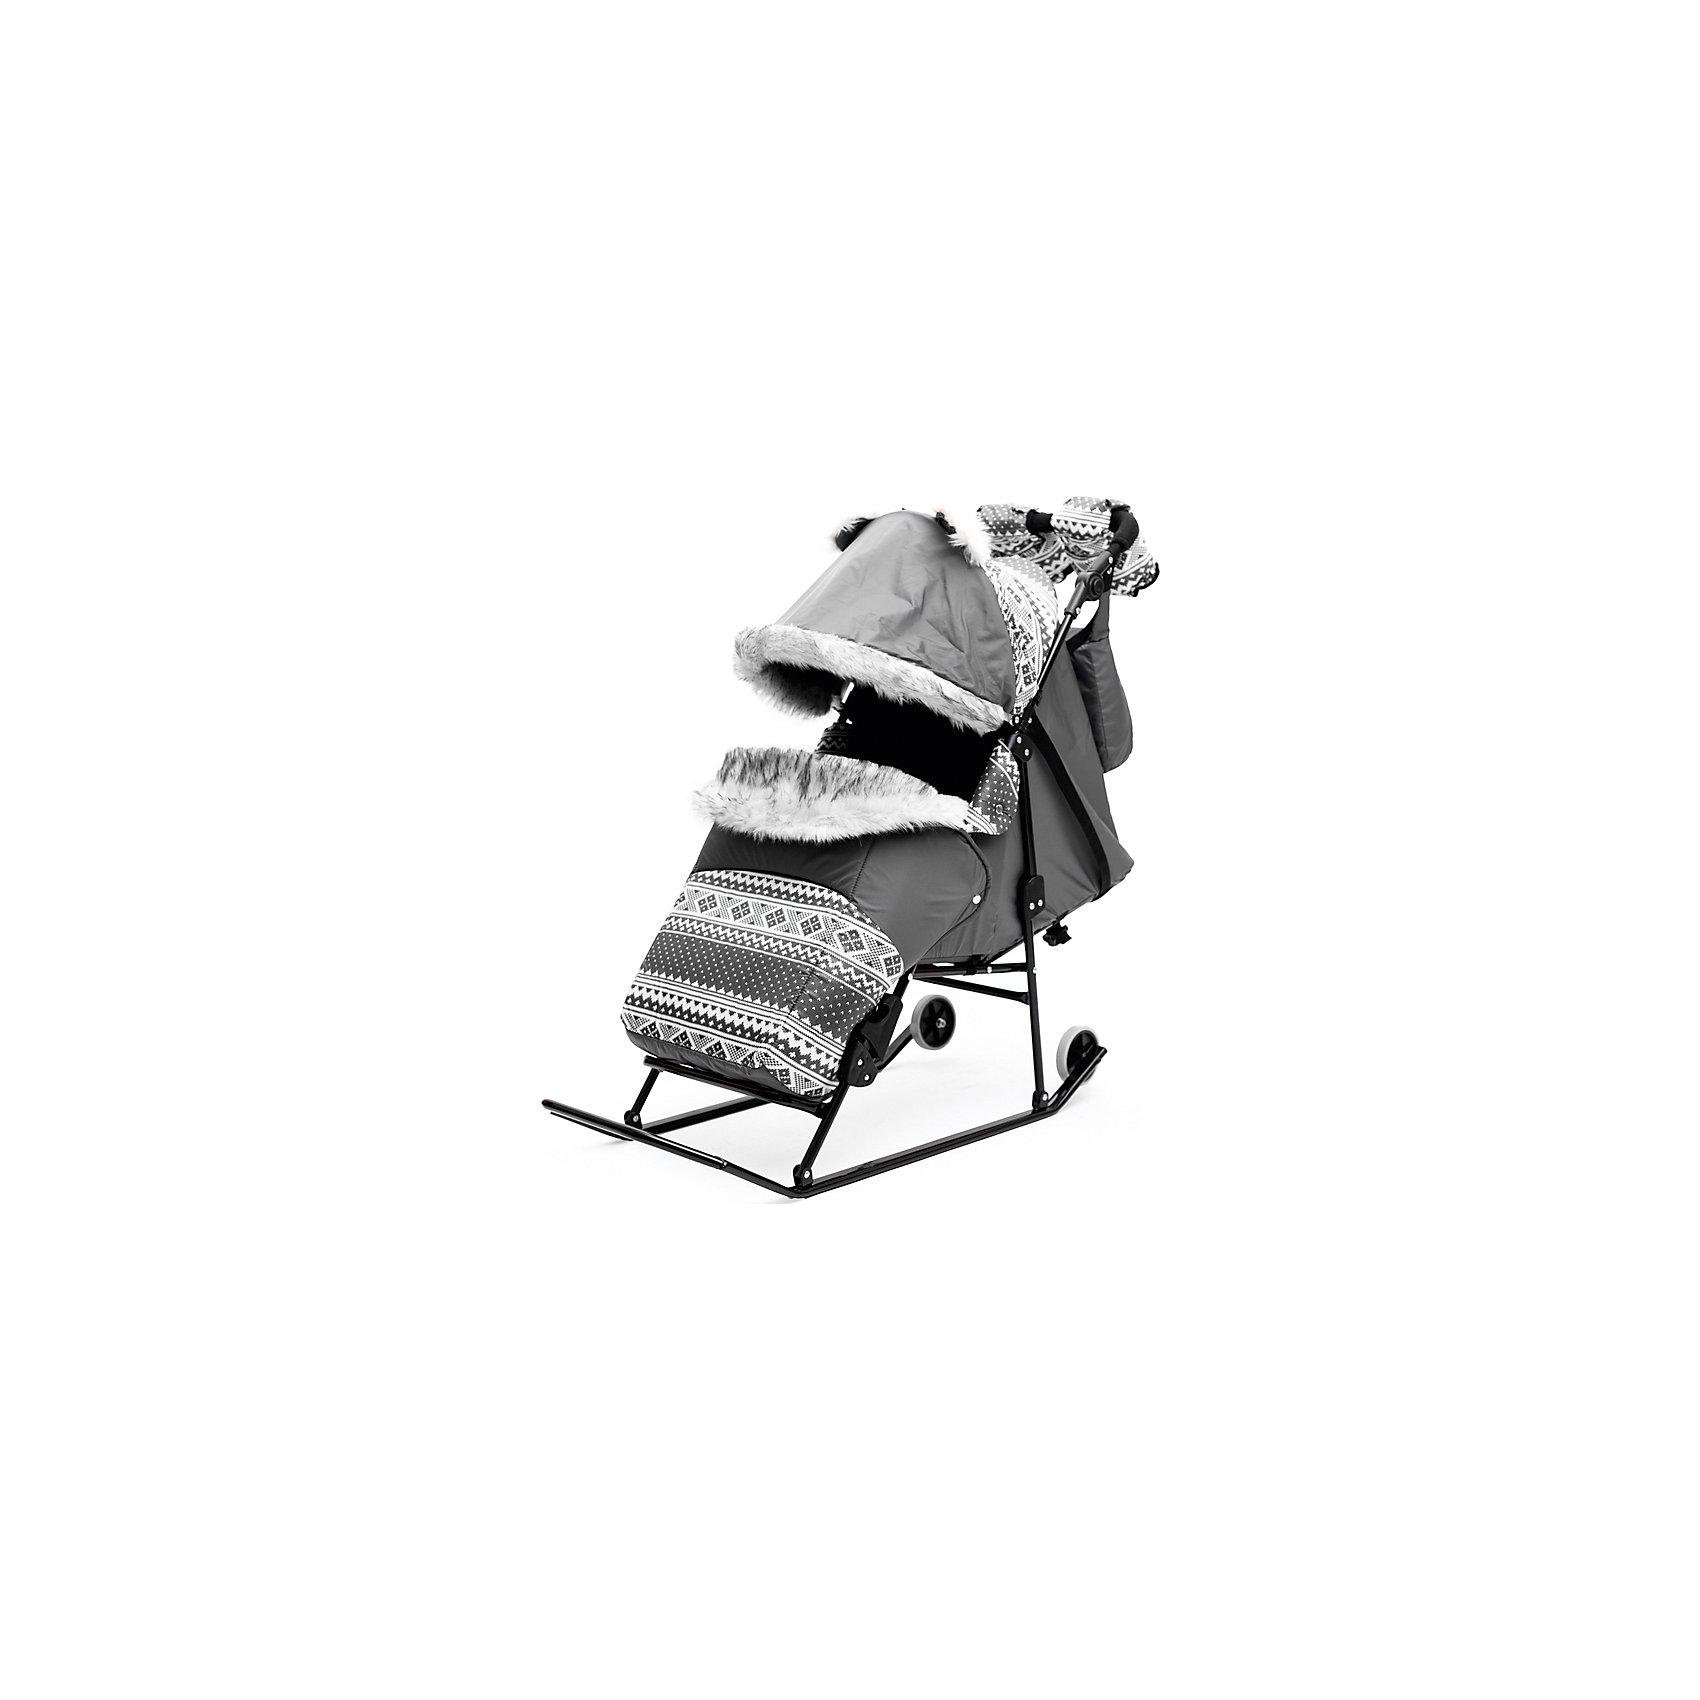 Скандинавия Санки-коляска Скандинавия 2УВ Авто, черная рама, ABC Academy, серый abc academy санки коляска скандинавия 2ум большие колеса белая рама abc academy серый